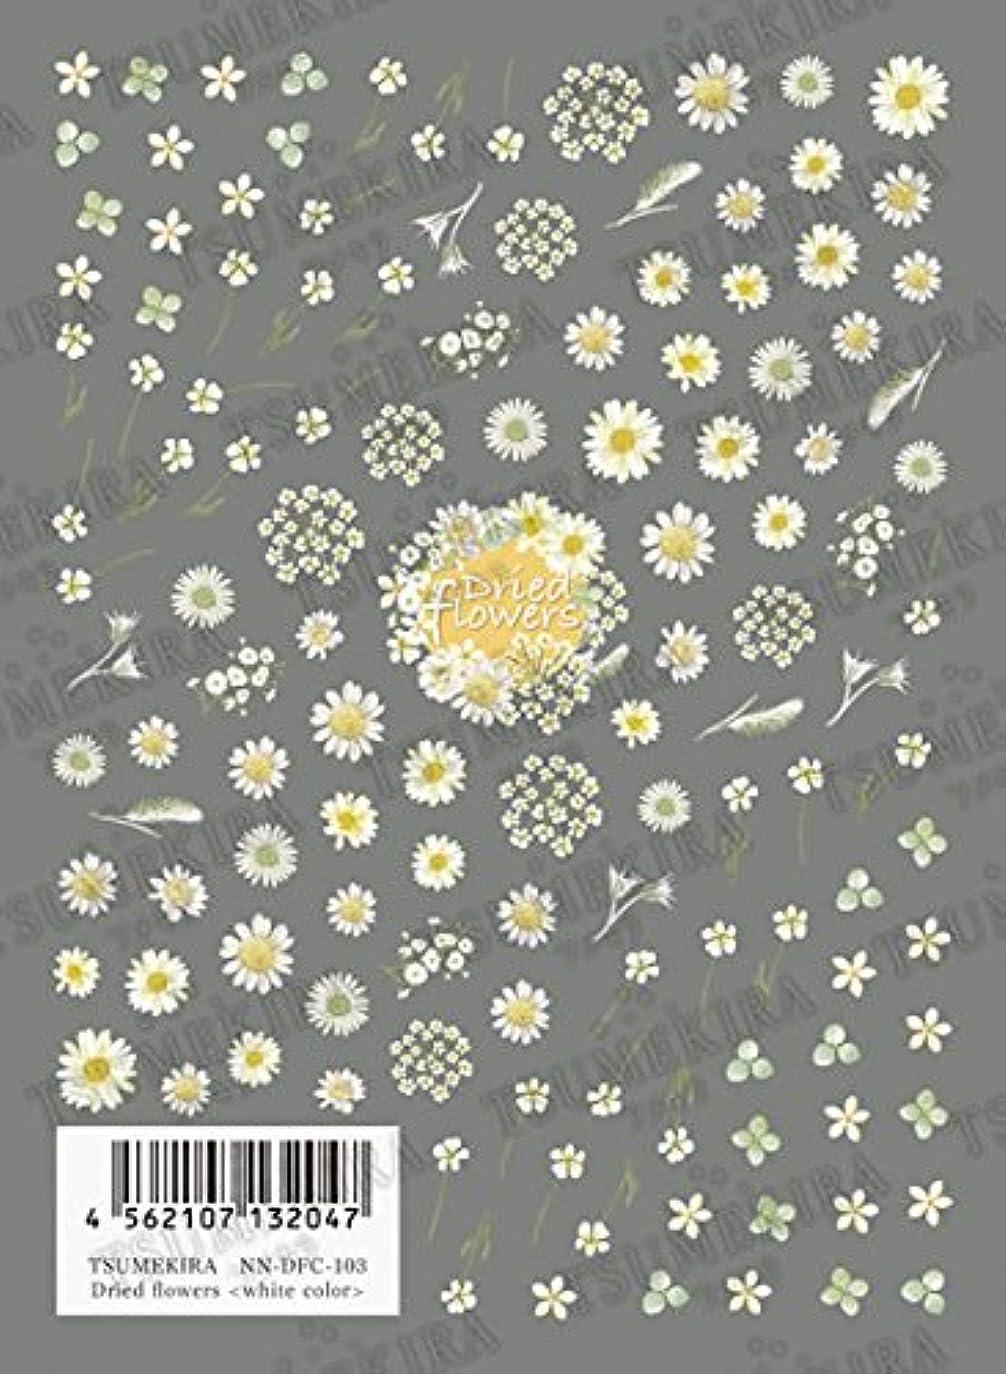 転倒知っているに立ち寄る式TSUMEKIRA Dried flowers white color NN-DFC-103